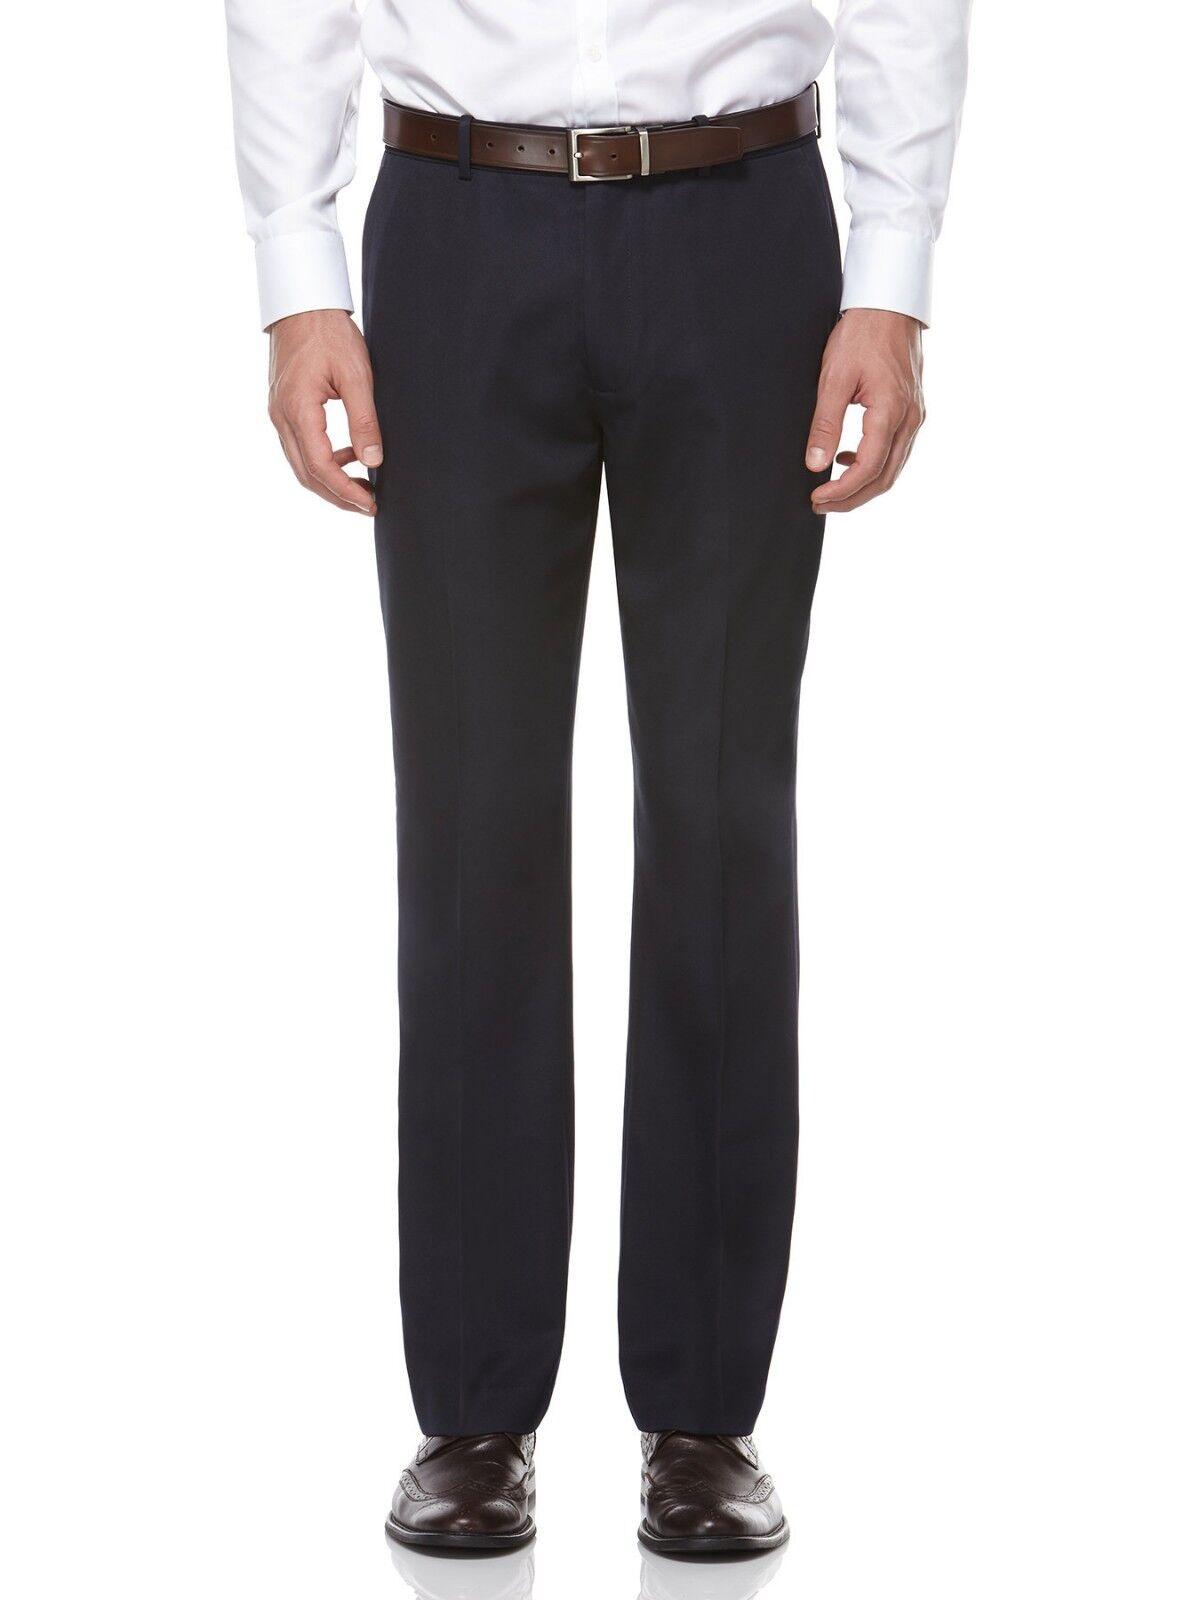 PERRY ELLIS PORTFOLIO men blueE FLAT FRONT FIT SUIT DRESS PANTS 38 W 32 L